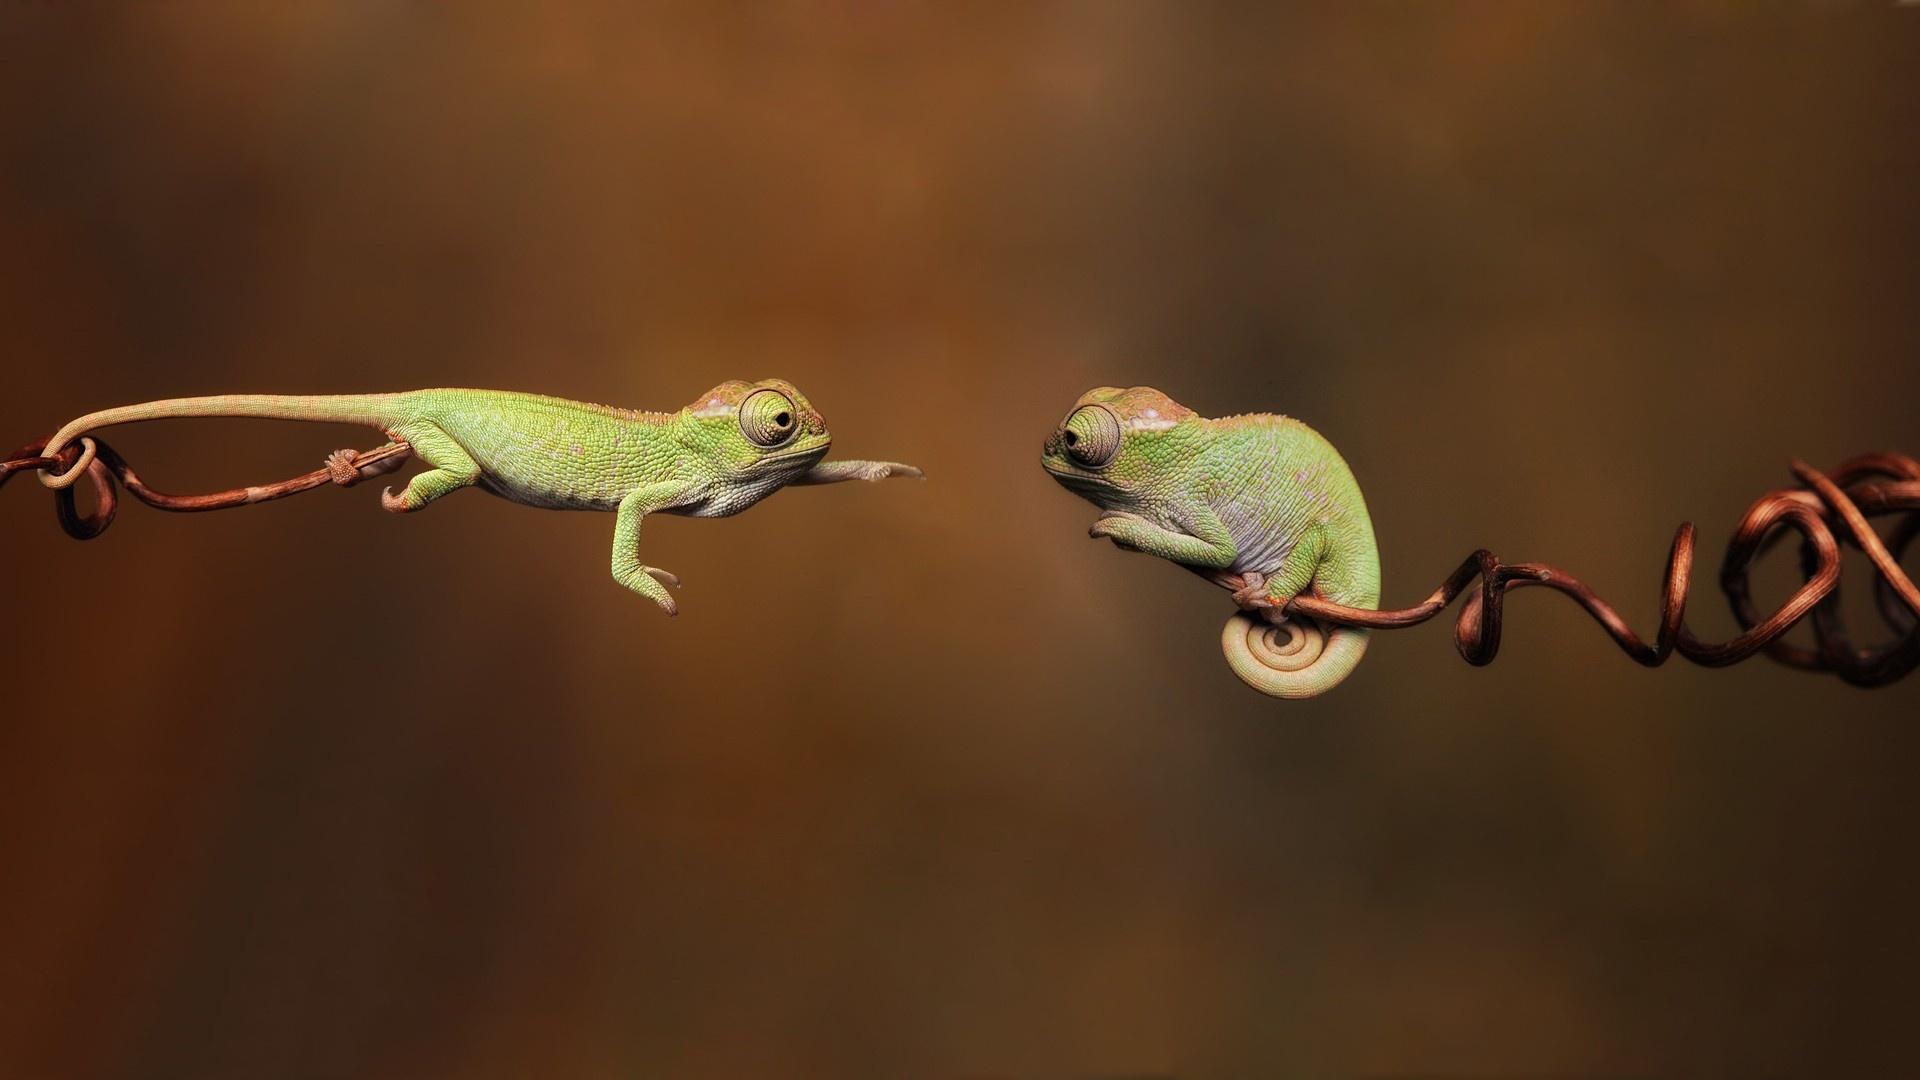 Green Lizard Wallpaper 21417 1920x1080 px HDWallSourcecom